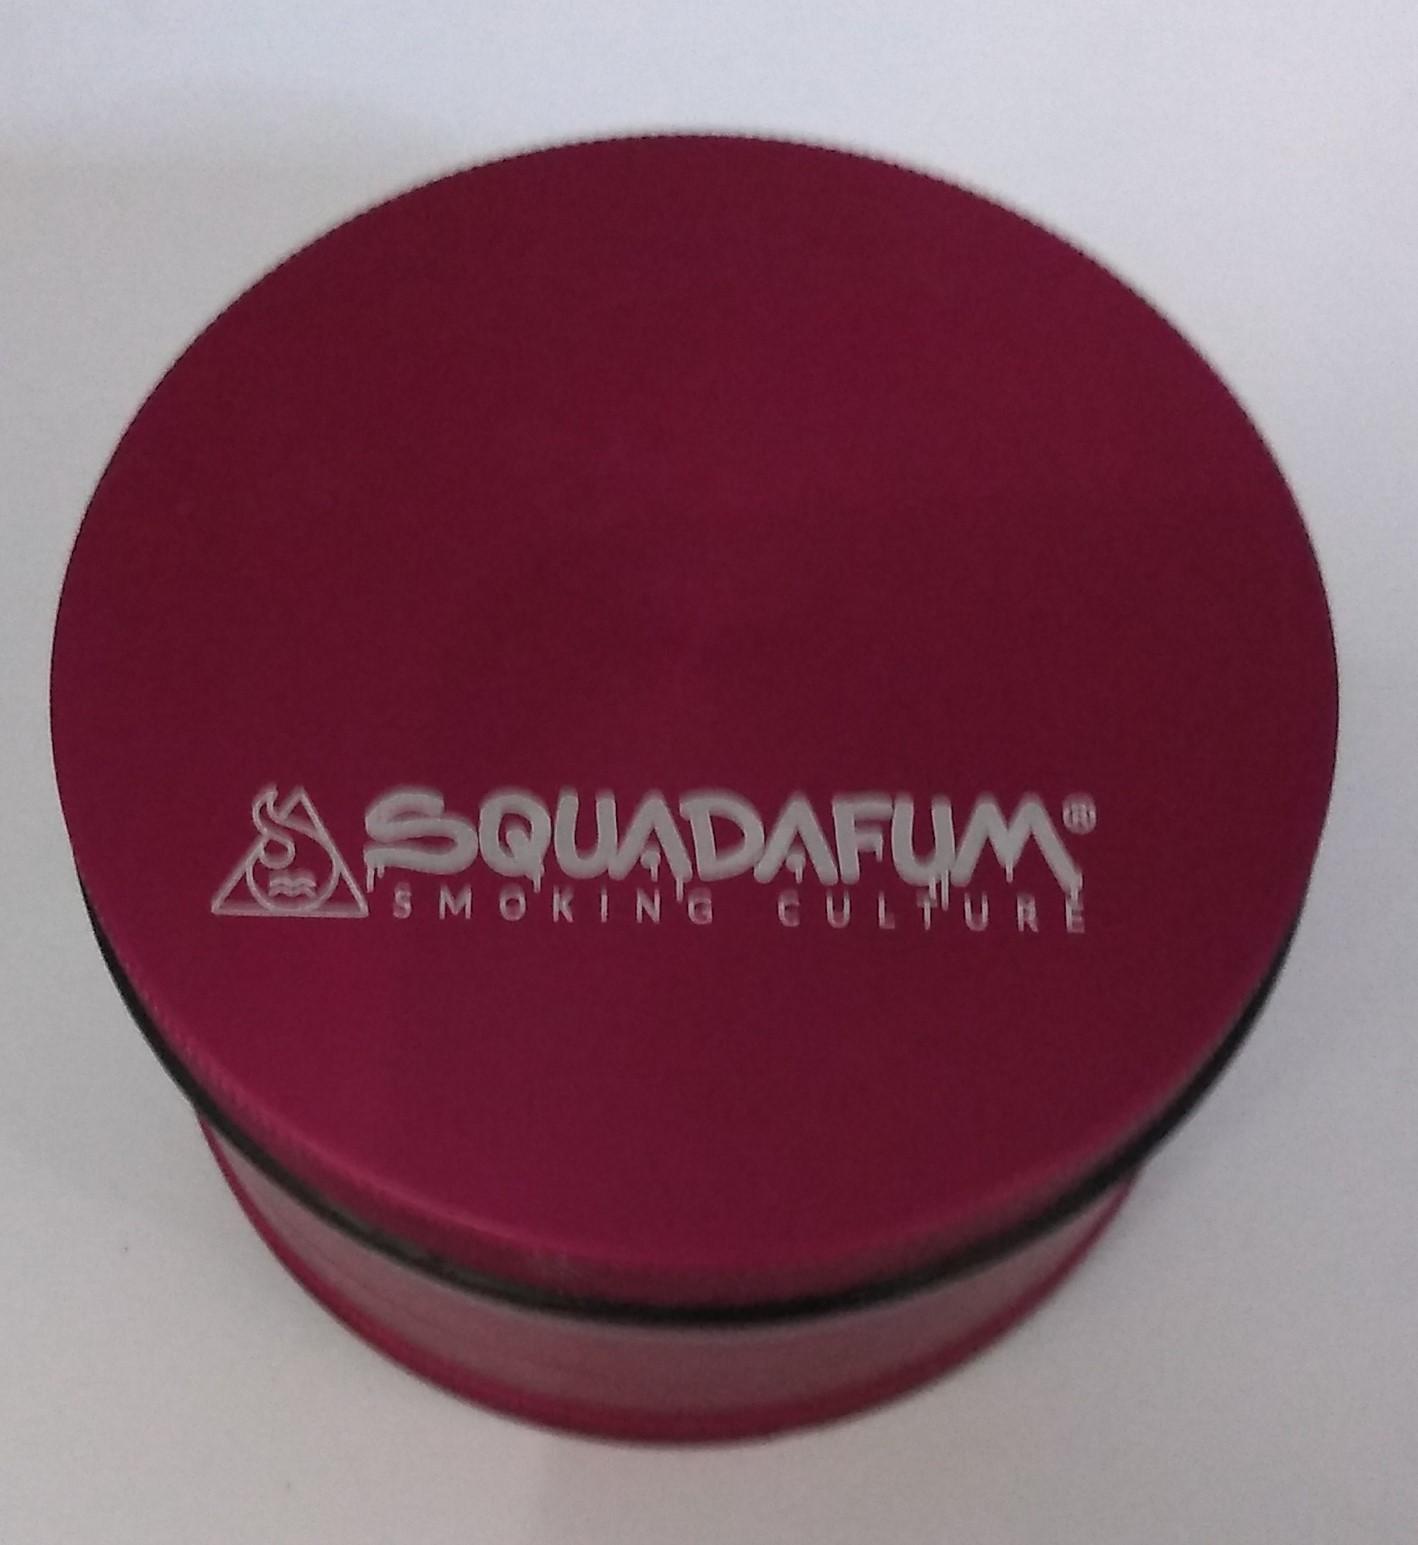 Triturador  Squadafum 4013